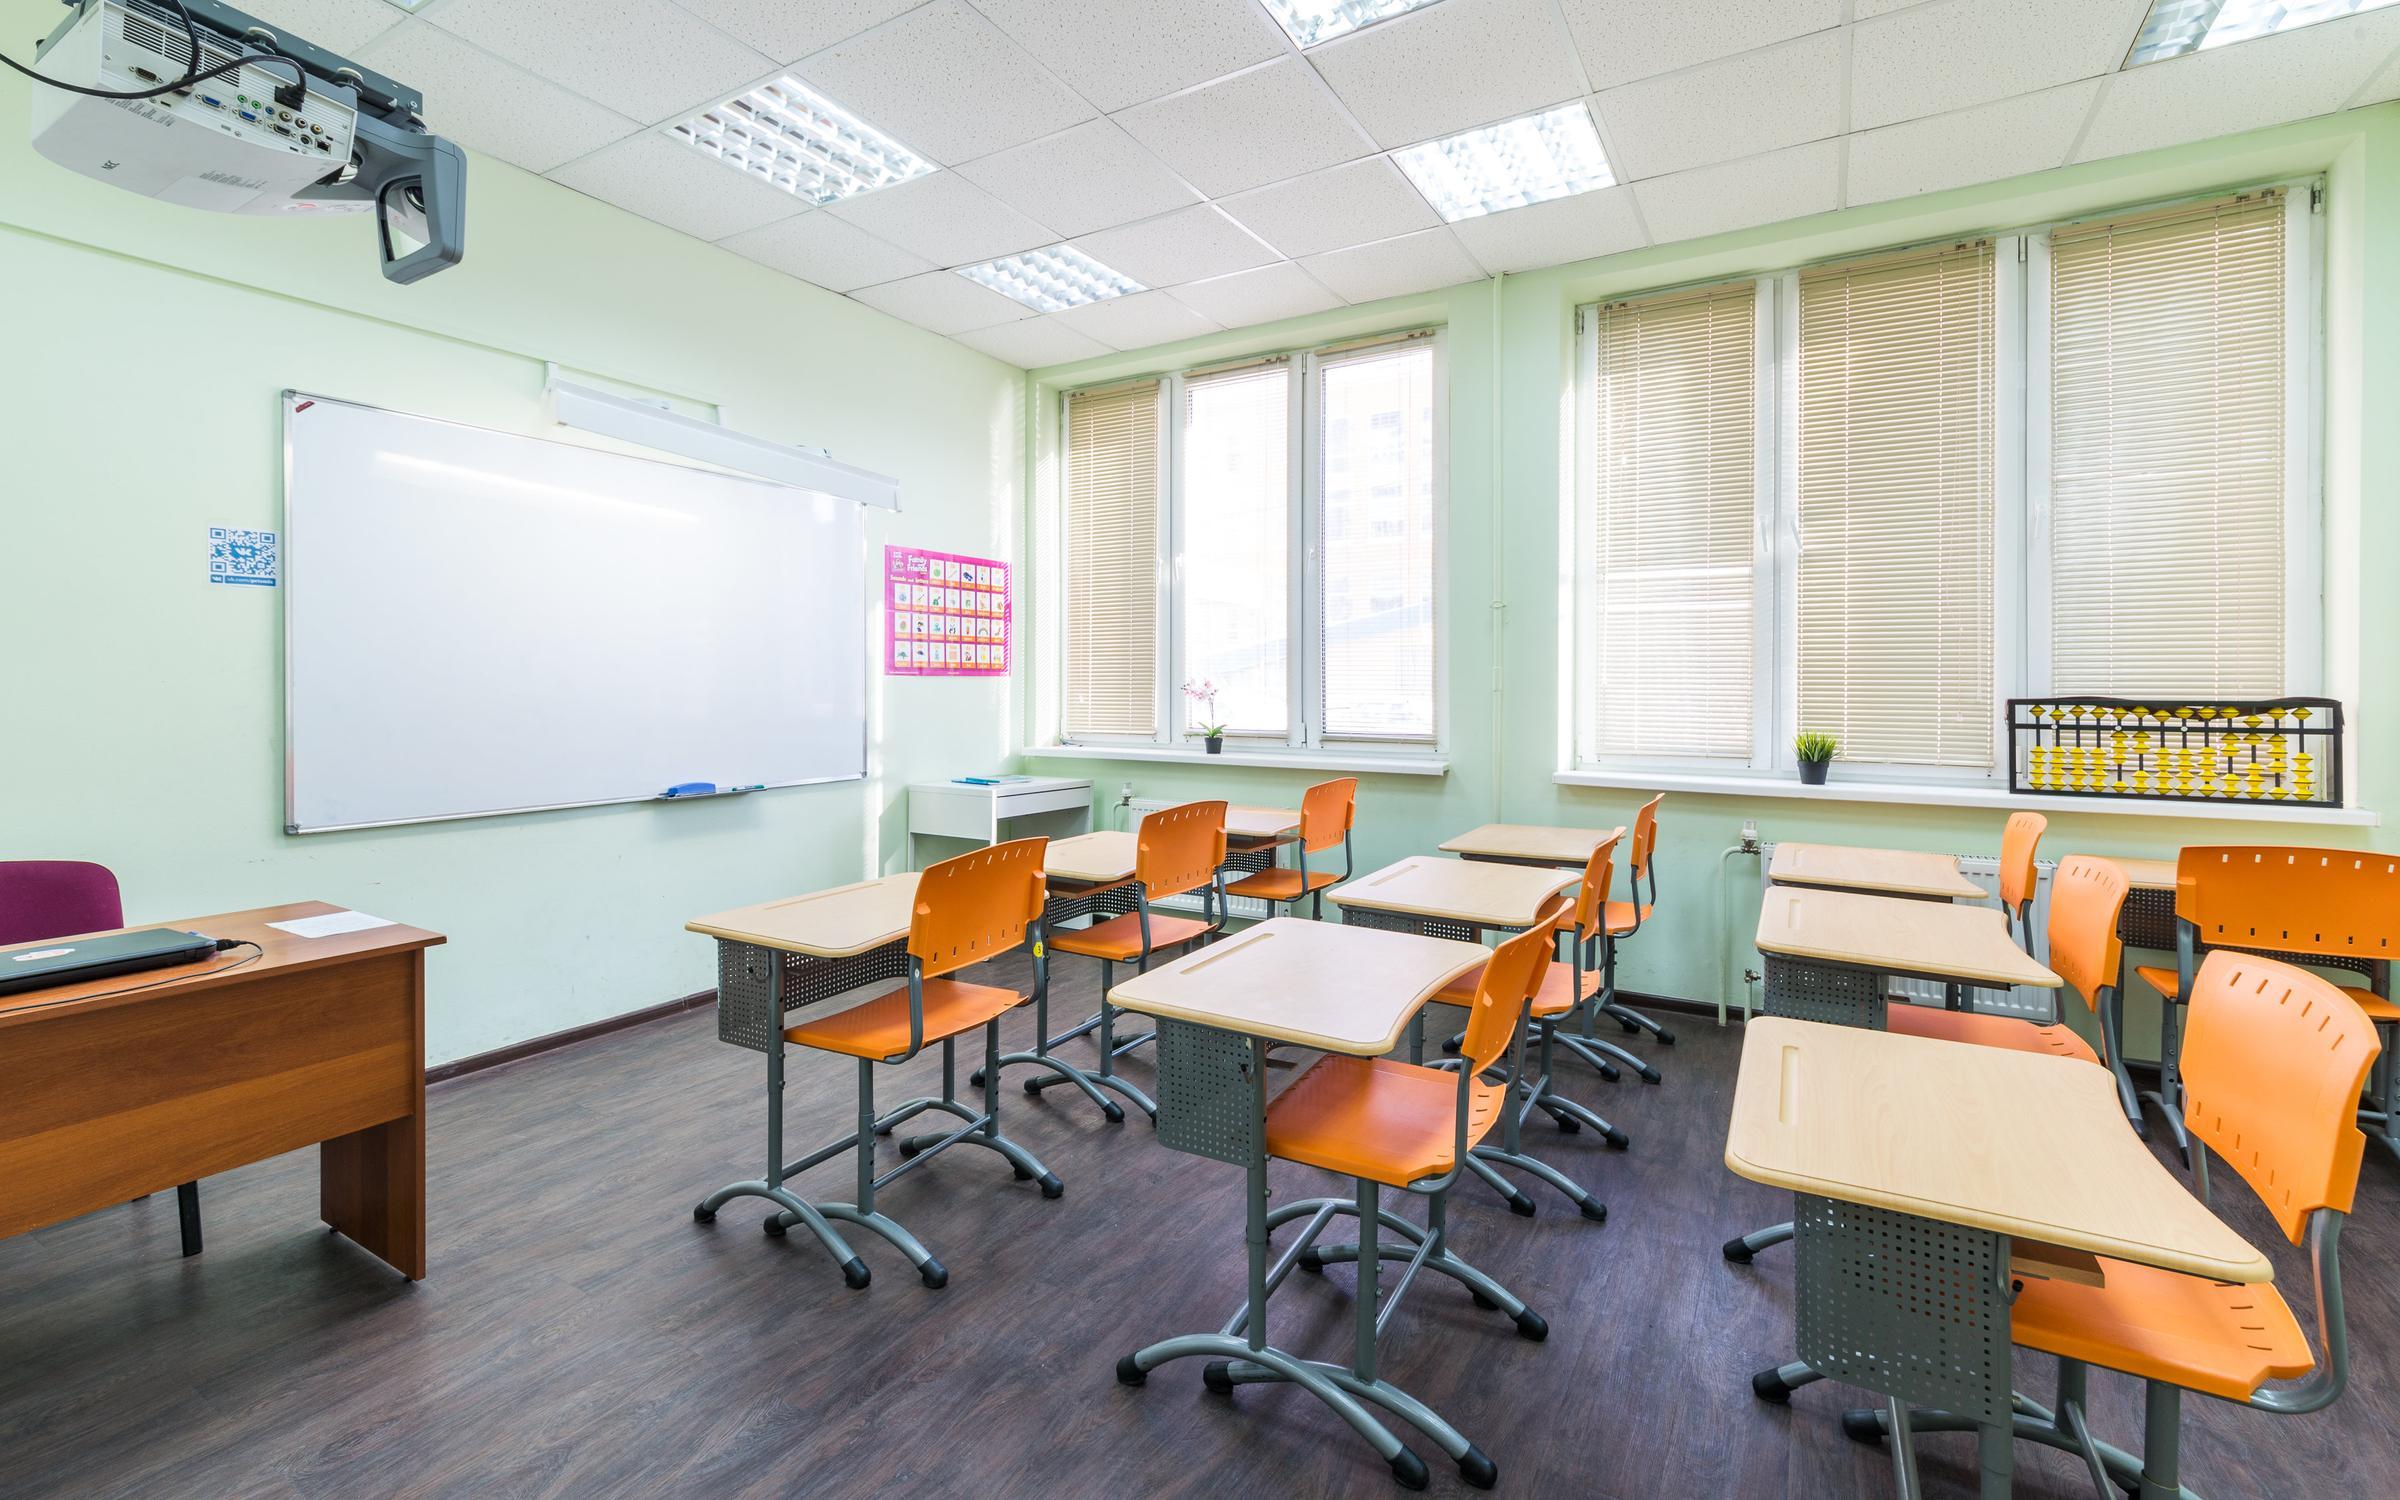 фотография Языковой школы Призма на метро Проспект Вернадского